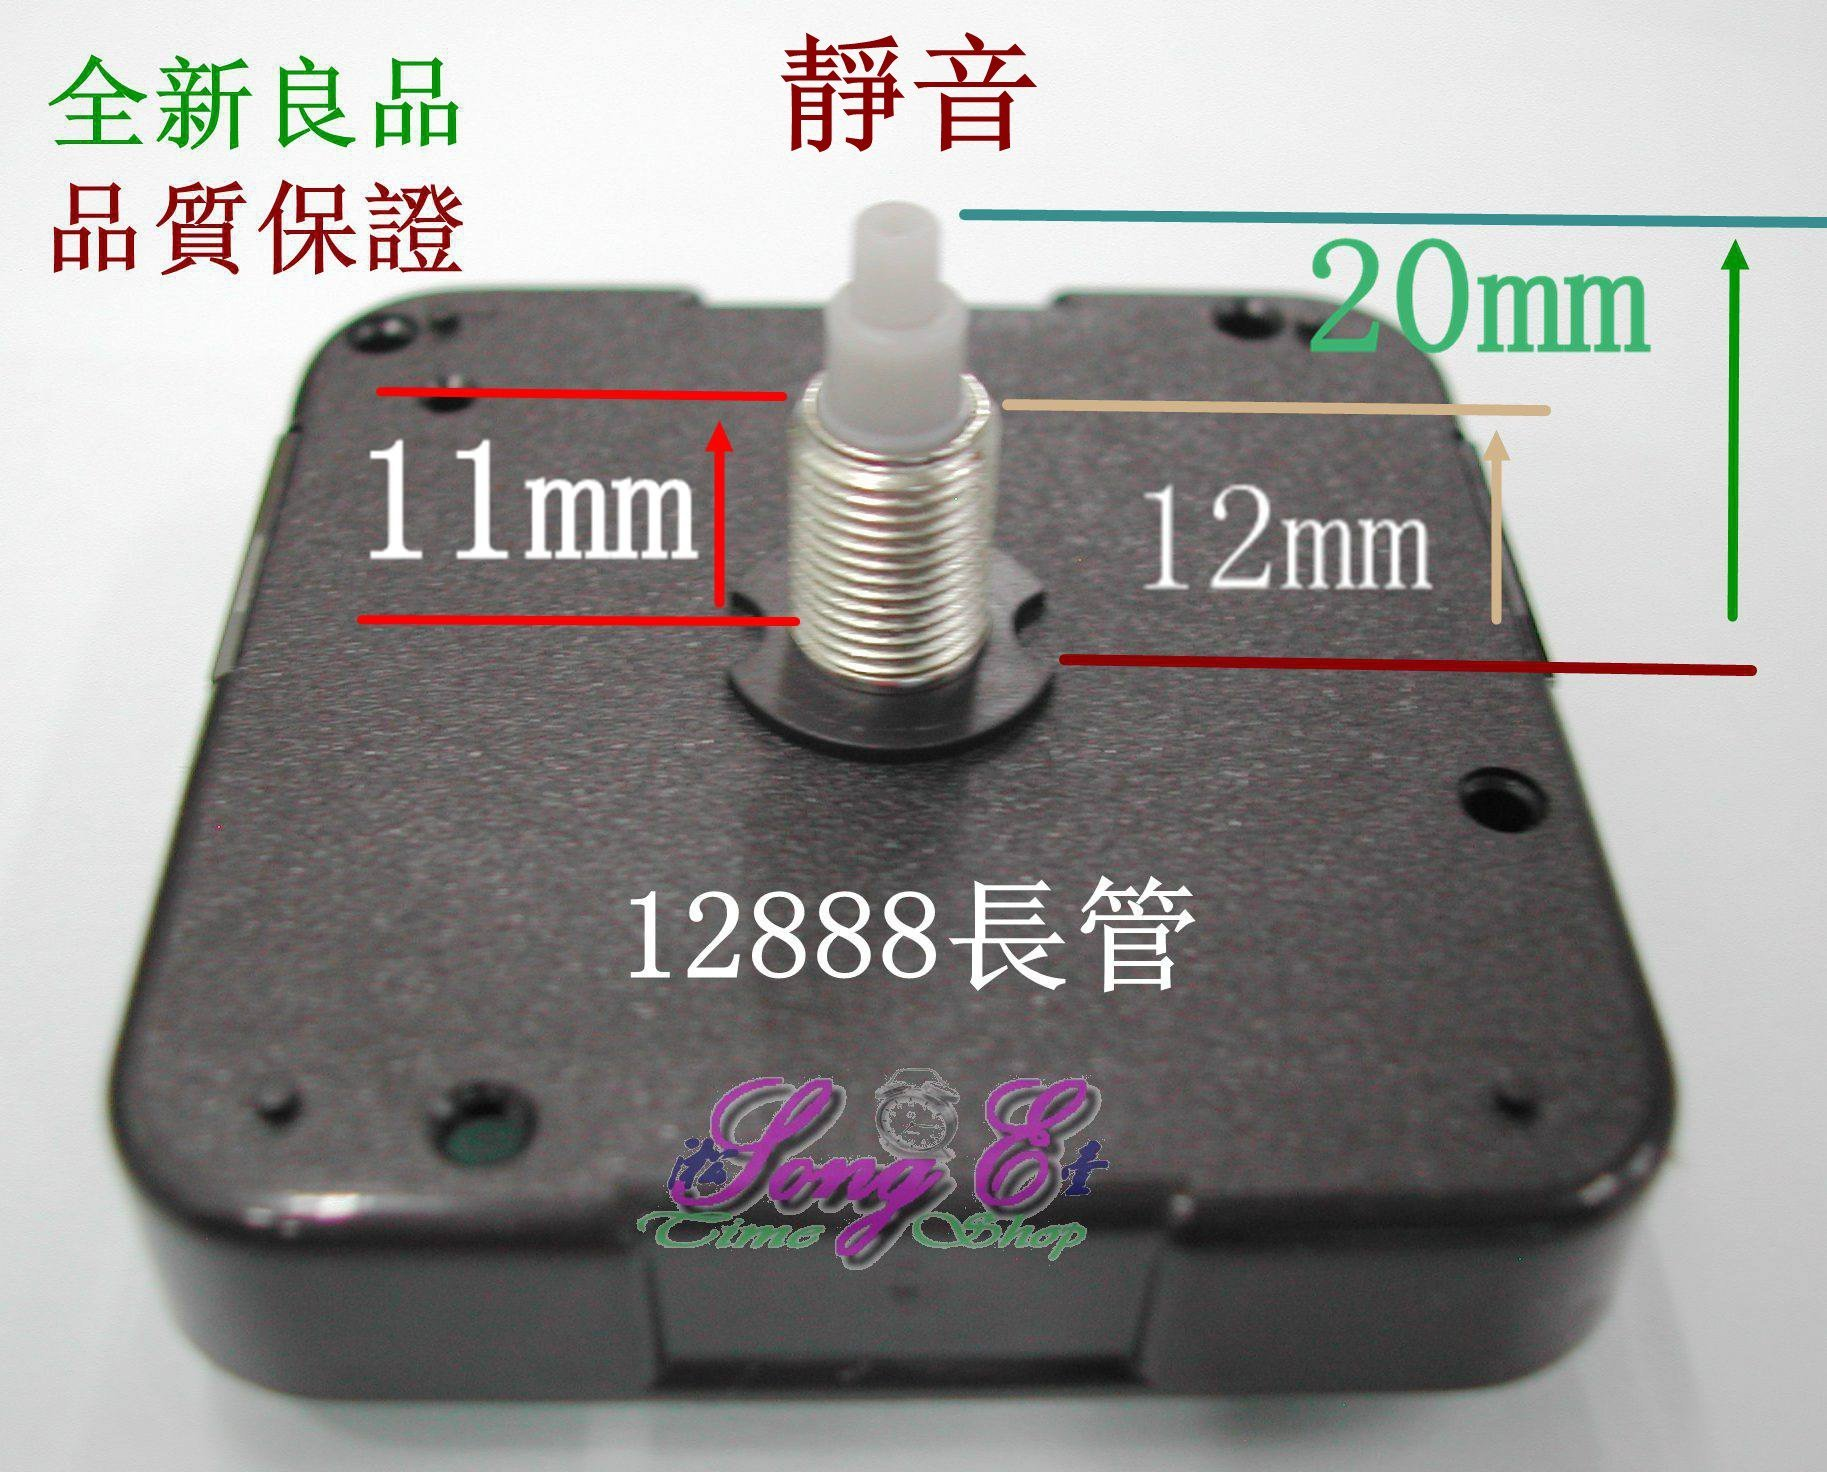 太陽靜音機芯 螺牙12mm 長管 臺灣 12888 滑行掃描 指針另購 藝DIY 掛鐘 時鐘修理 良品